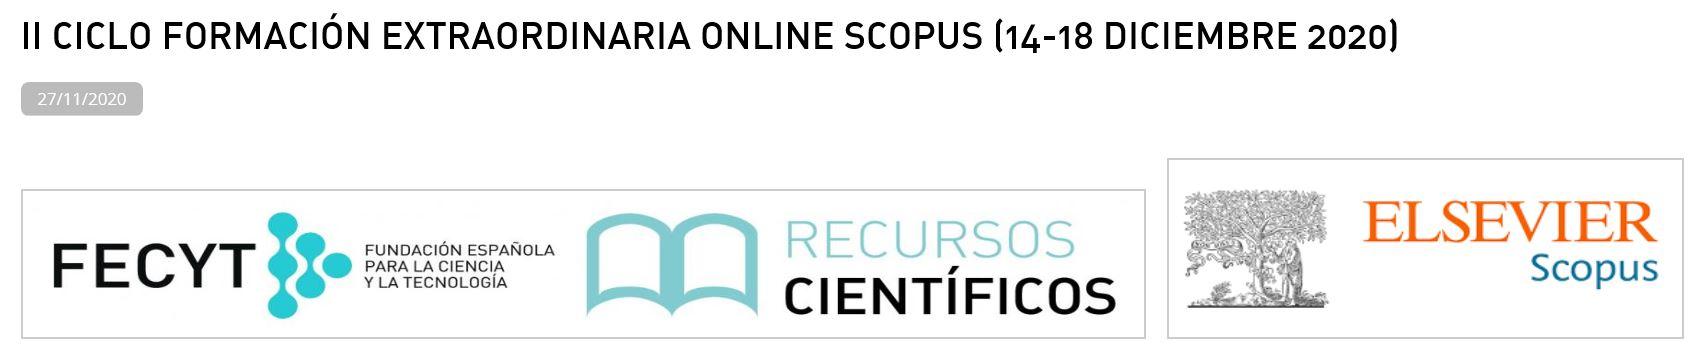 II Ciclo de Formación Online Socpus 2020